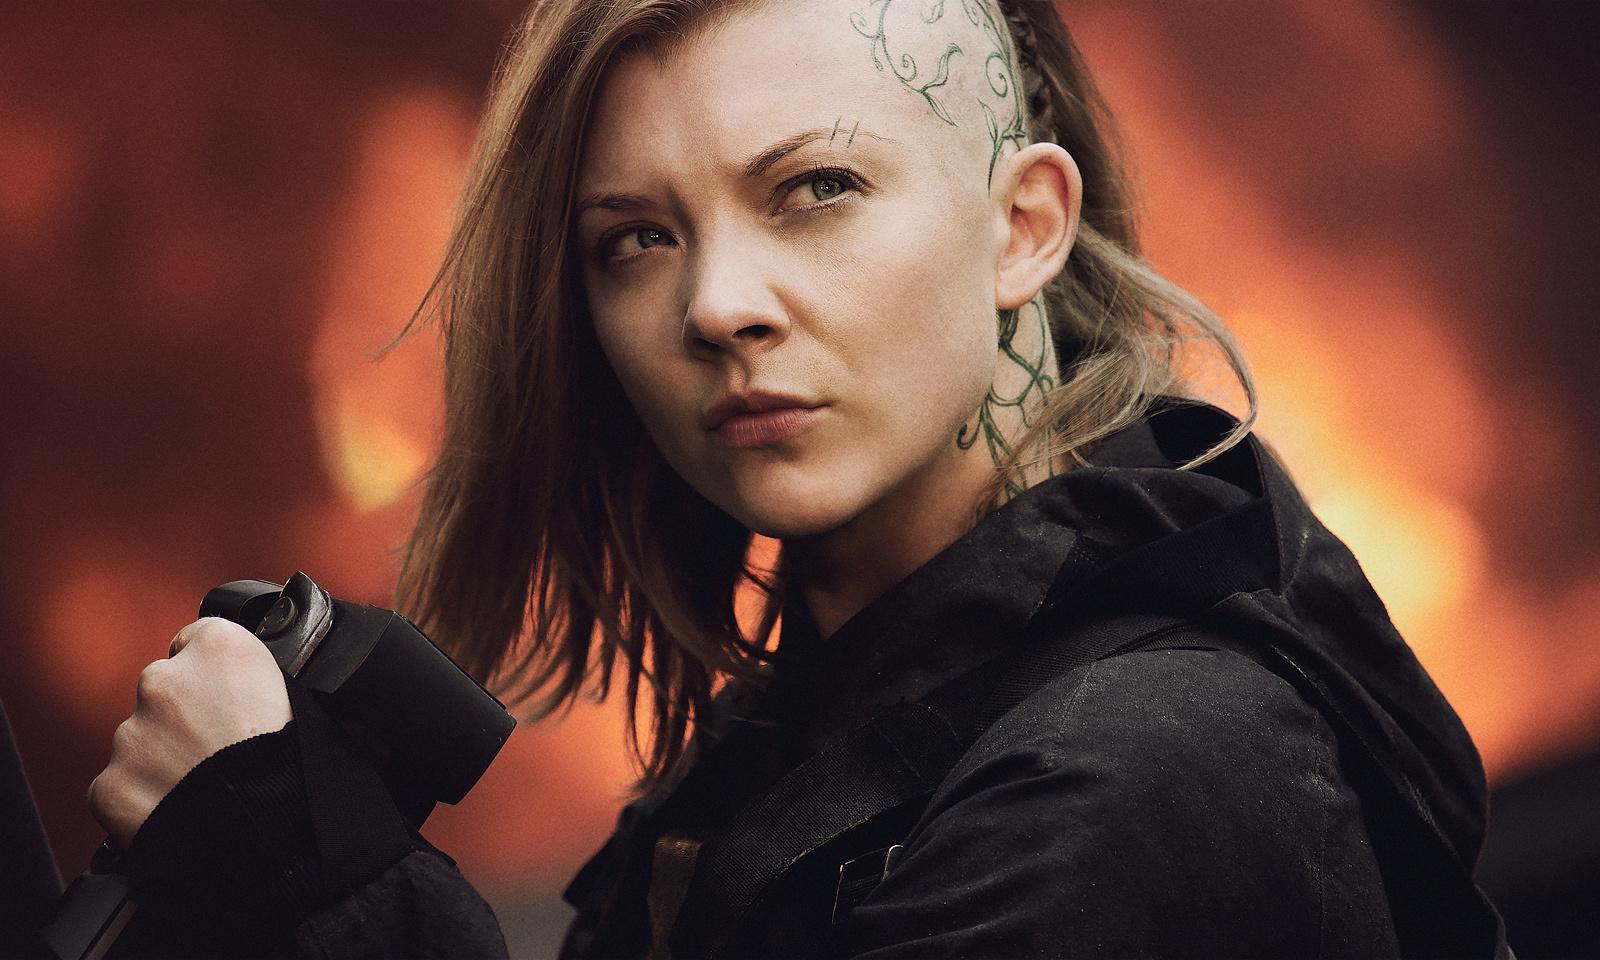 Natalie Dormer in The Hunger Games: Mockingjay - Part 1 (2014)